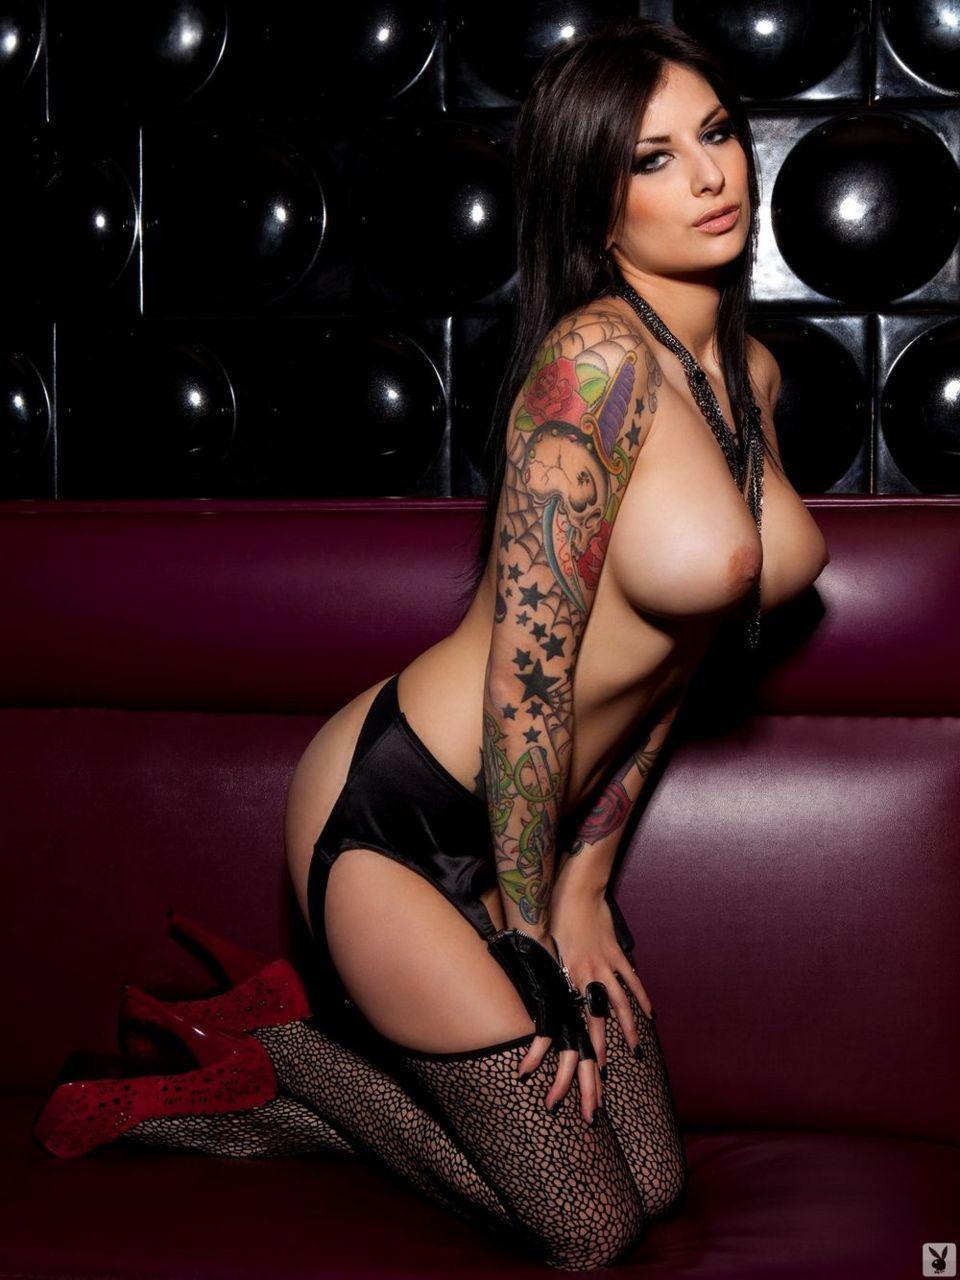 Tattooed Nude 36